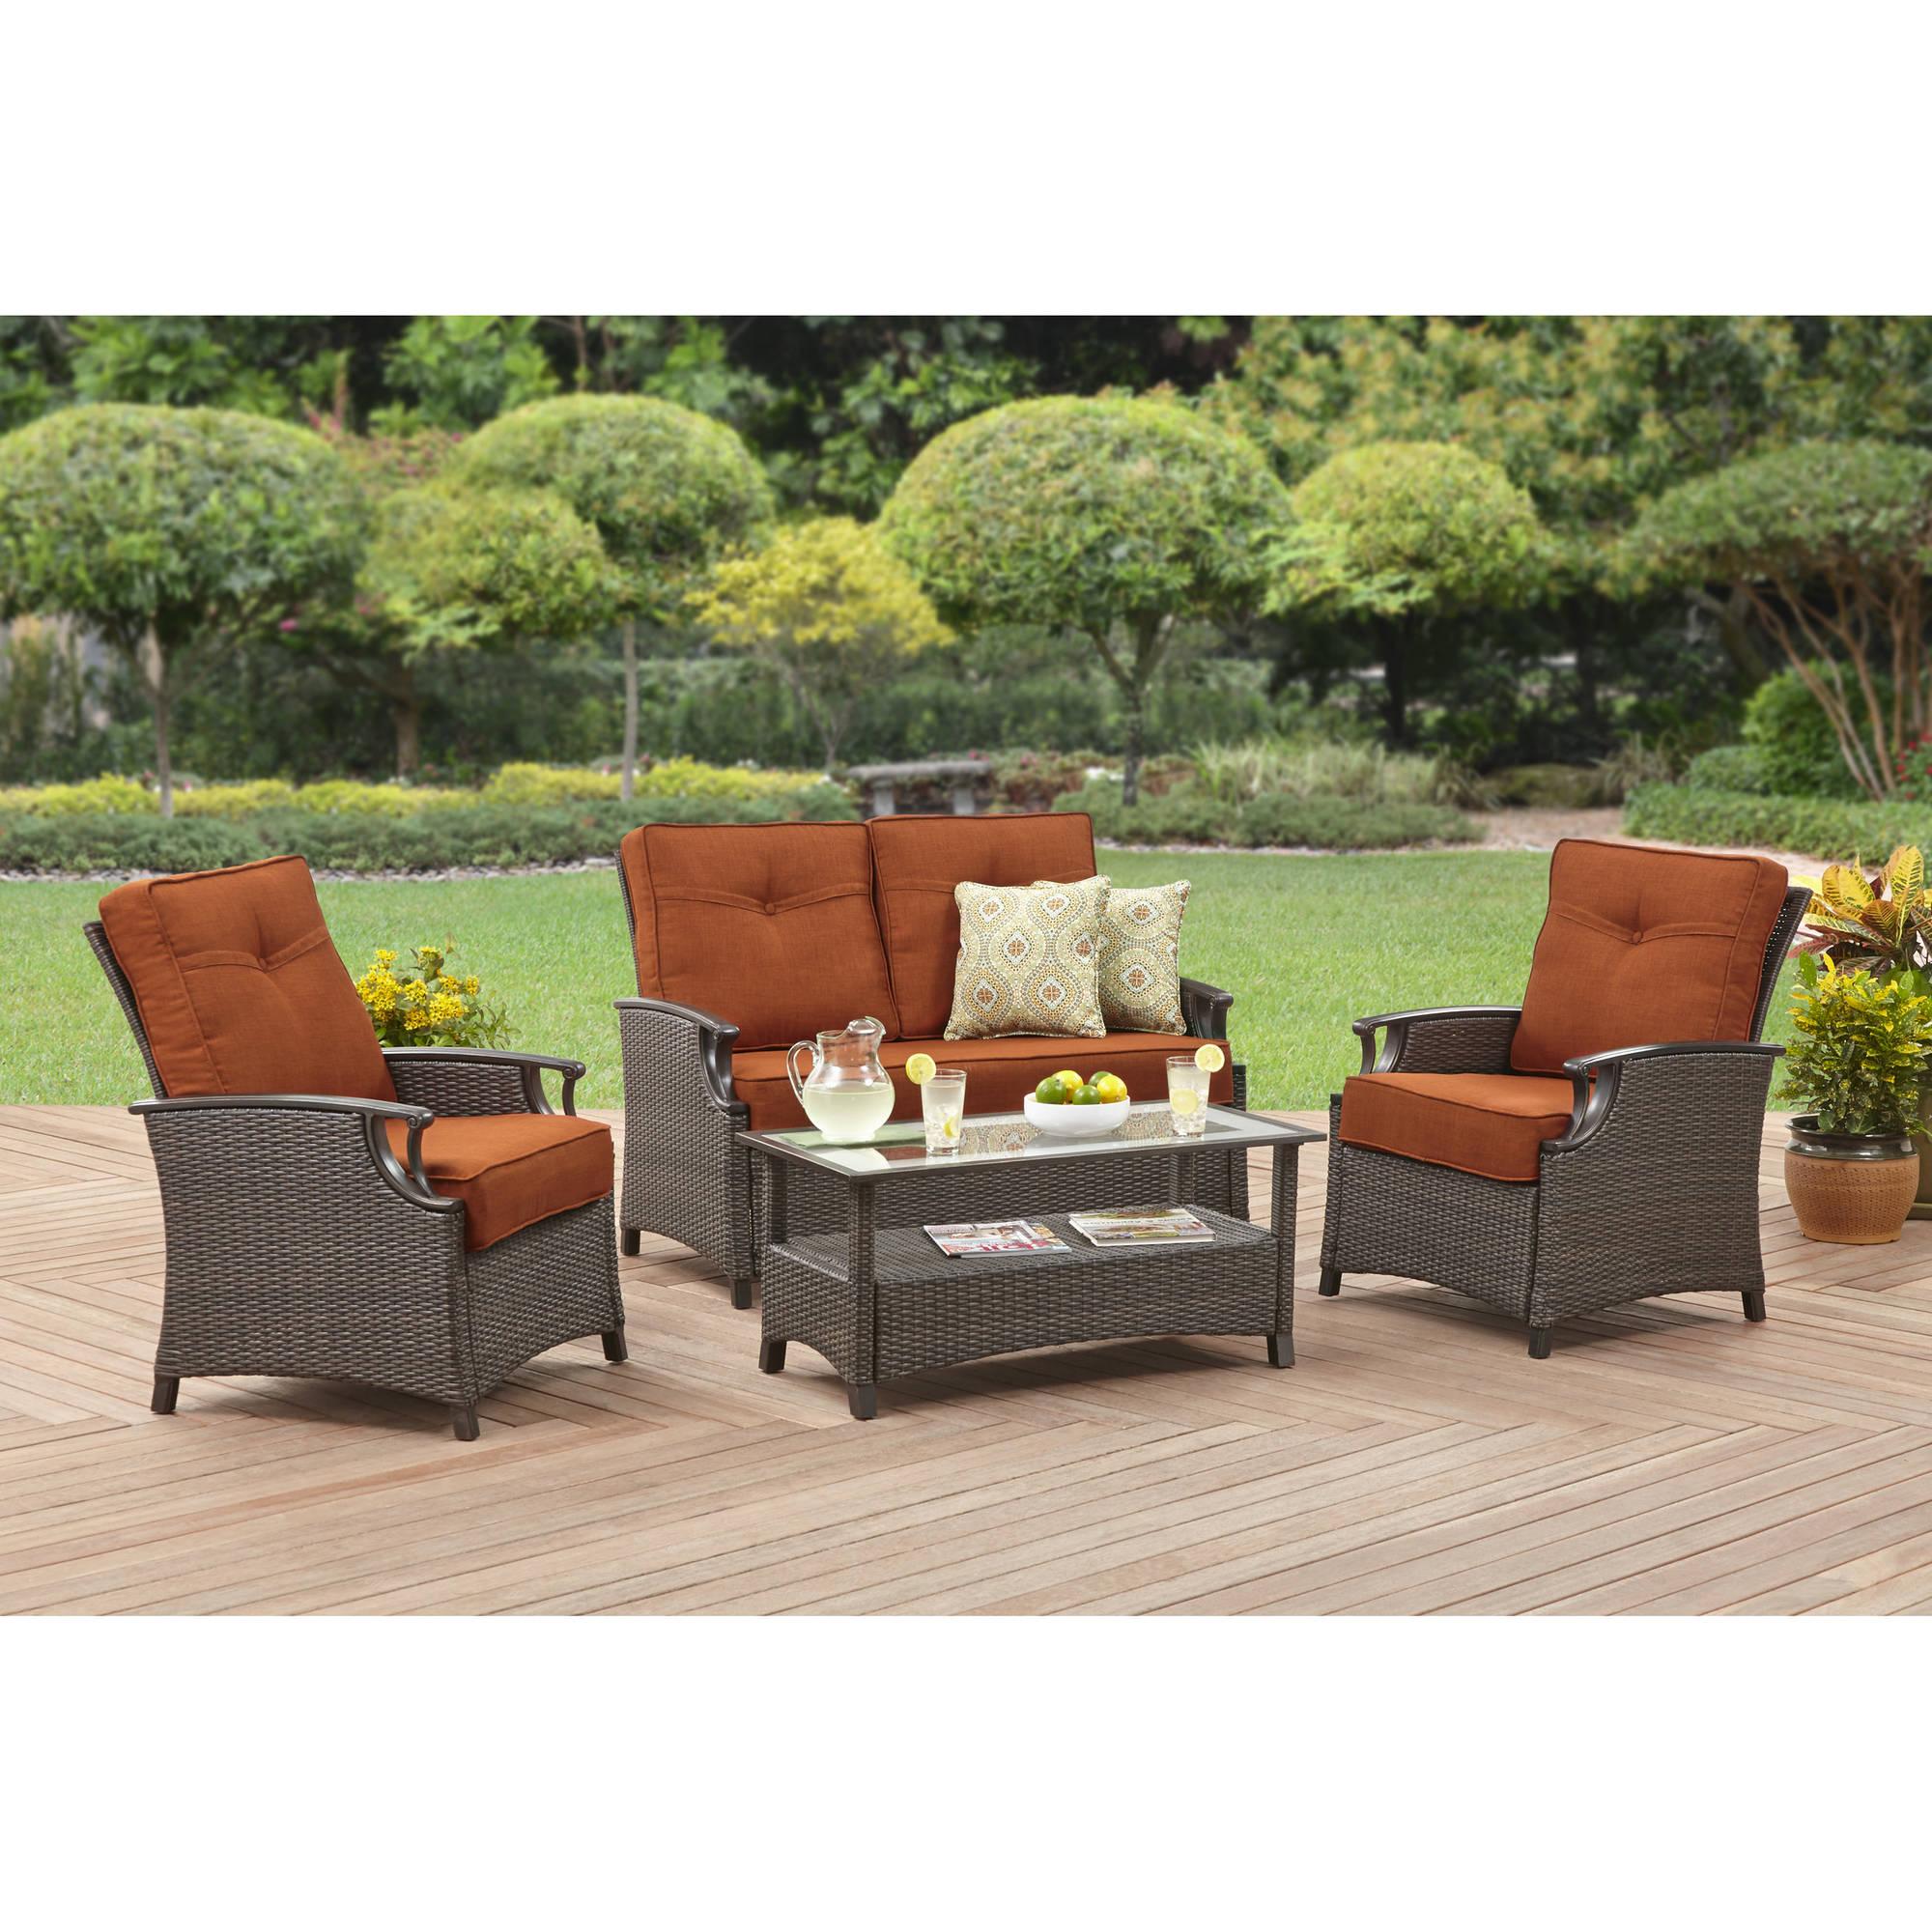 Better Homes and Gardens Oak Terrace 4 Piece Outdoor Conversation Set